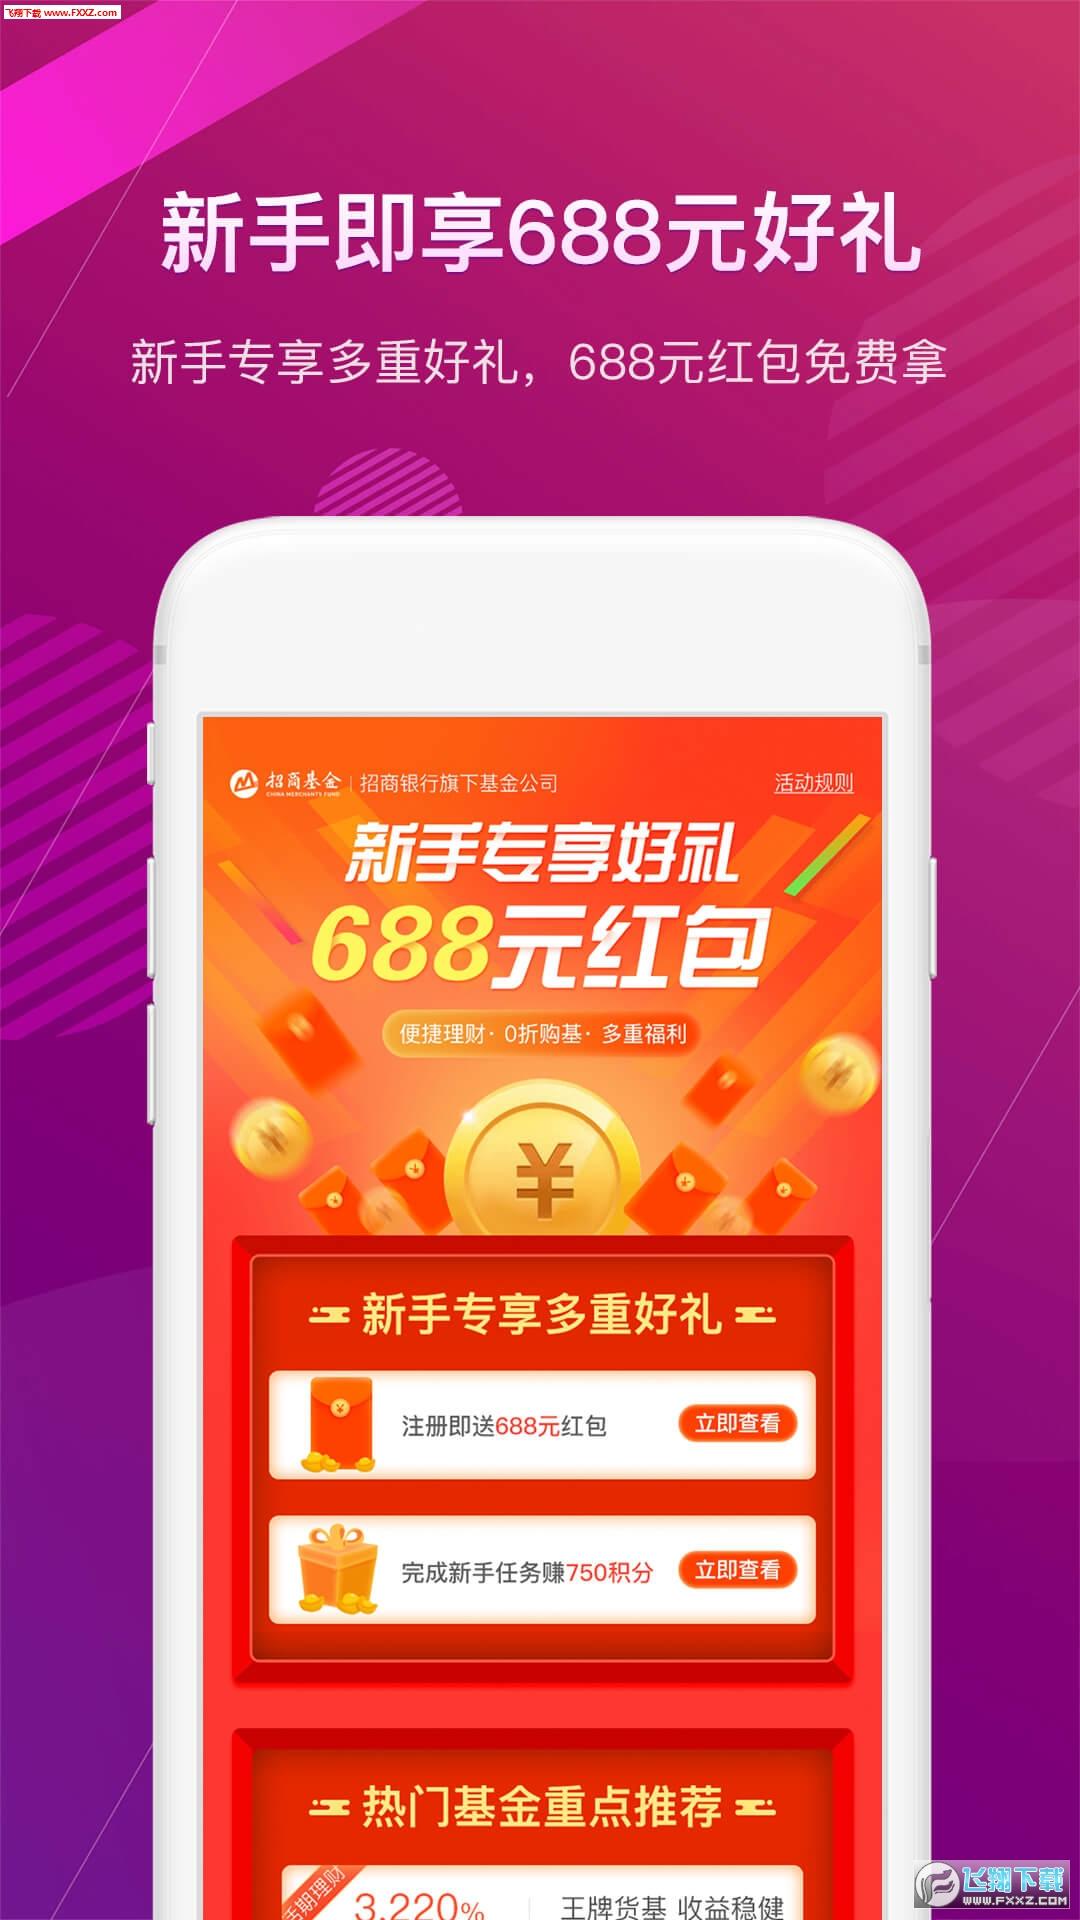 招商招钱宝app官方版5.7.0截图2